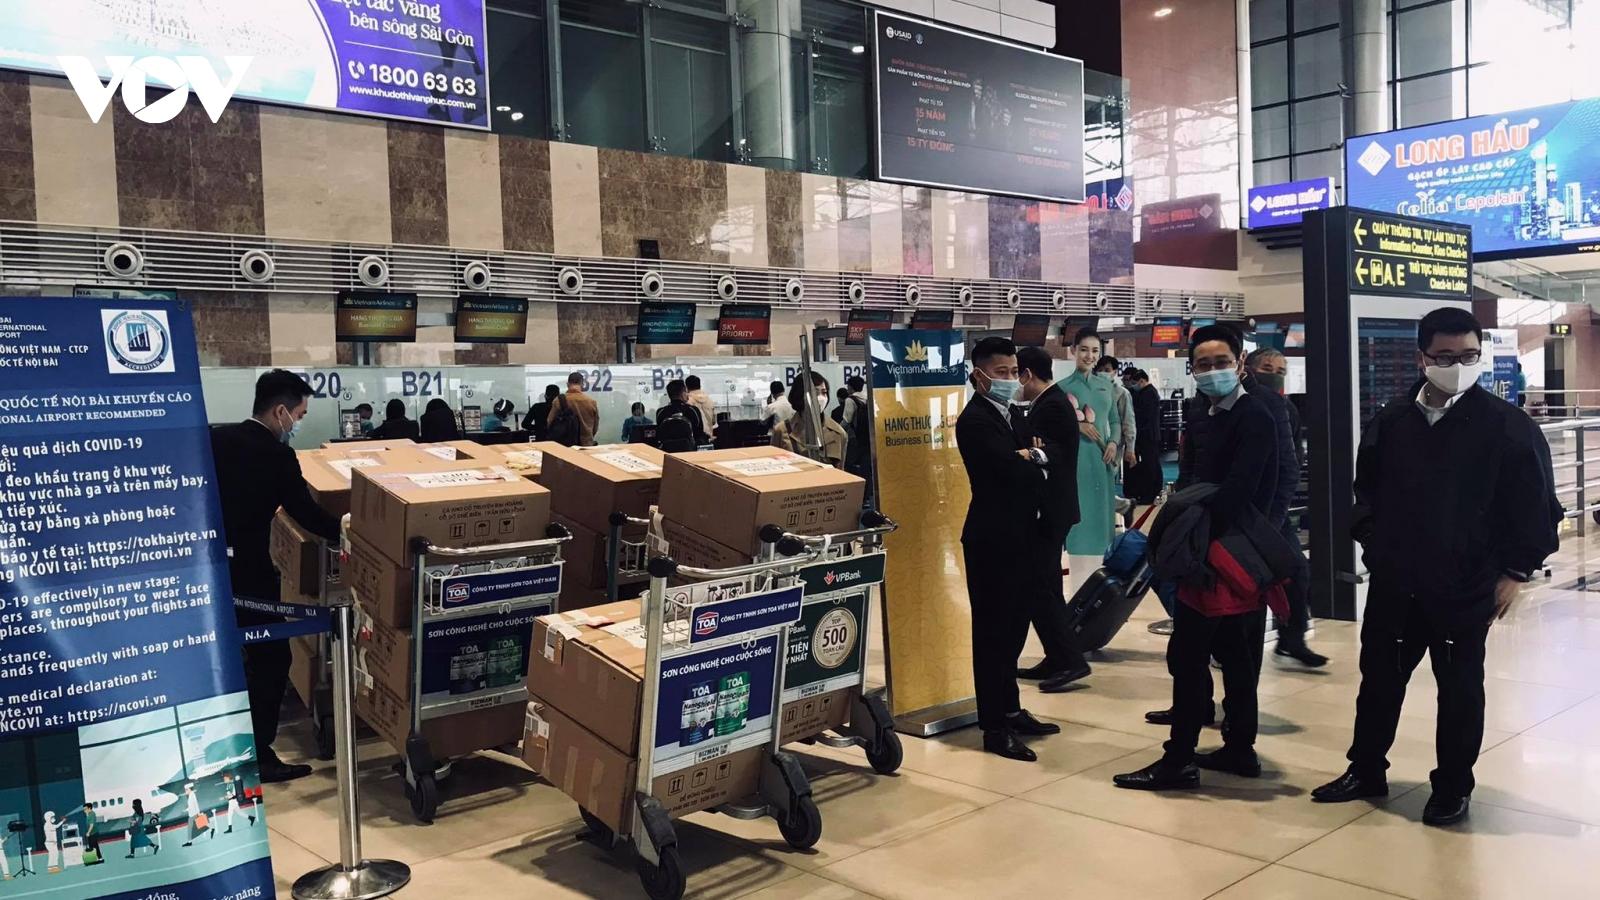 Đề xuất xét nghiệm COVID-19 cho 3.200 nhân viên sân bay Nội Bài